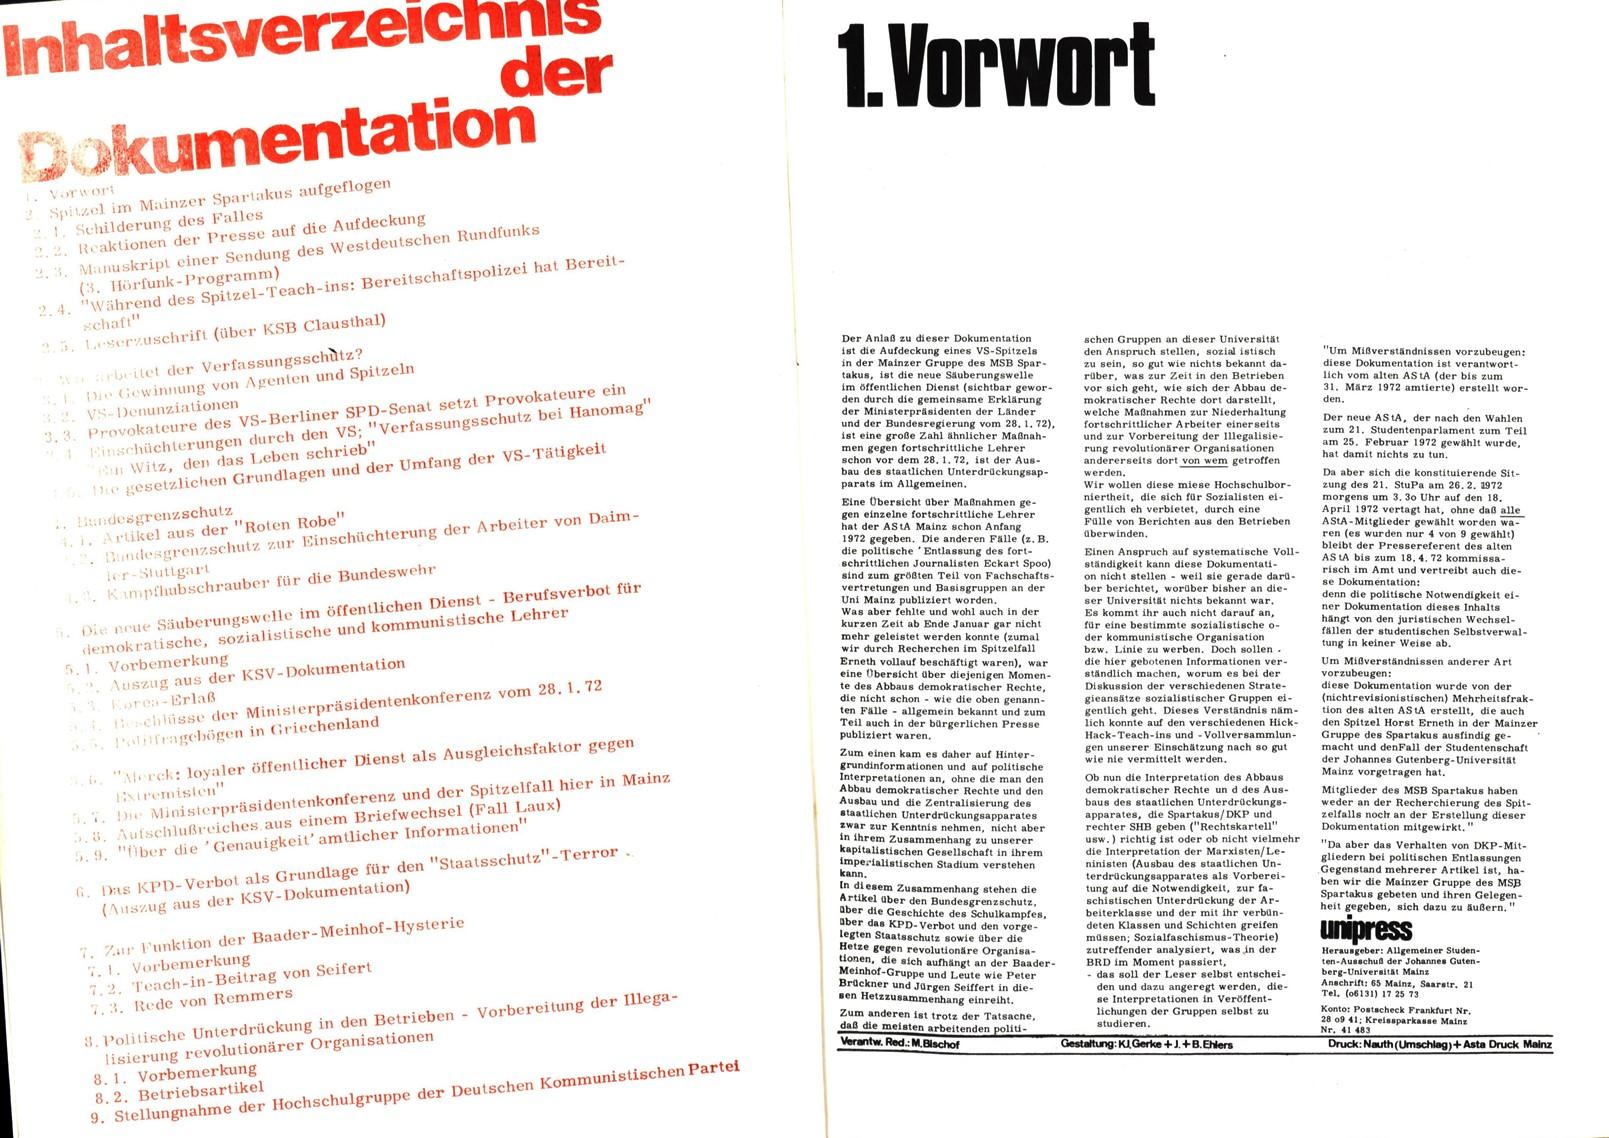 Mainz_VDS_AStA_1972_Staatsfeind_02